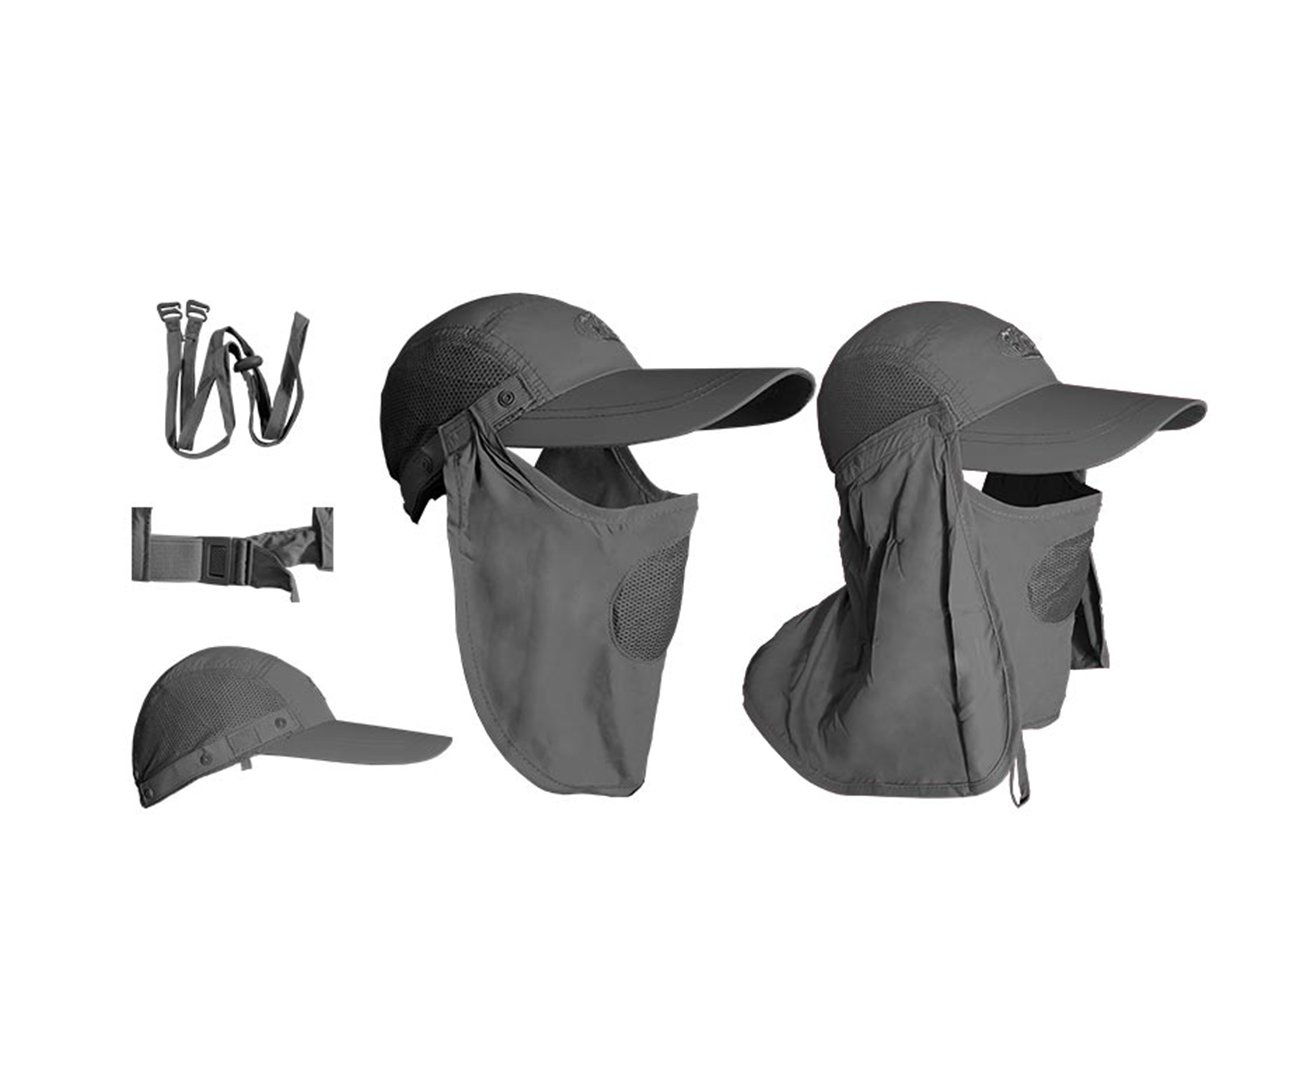 Boné Albatroz Camp C/ Proteção De Pescoço E Rosto Cinza Escuro - Albatroz